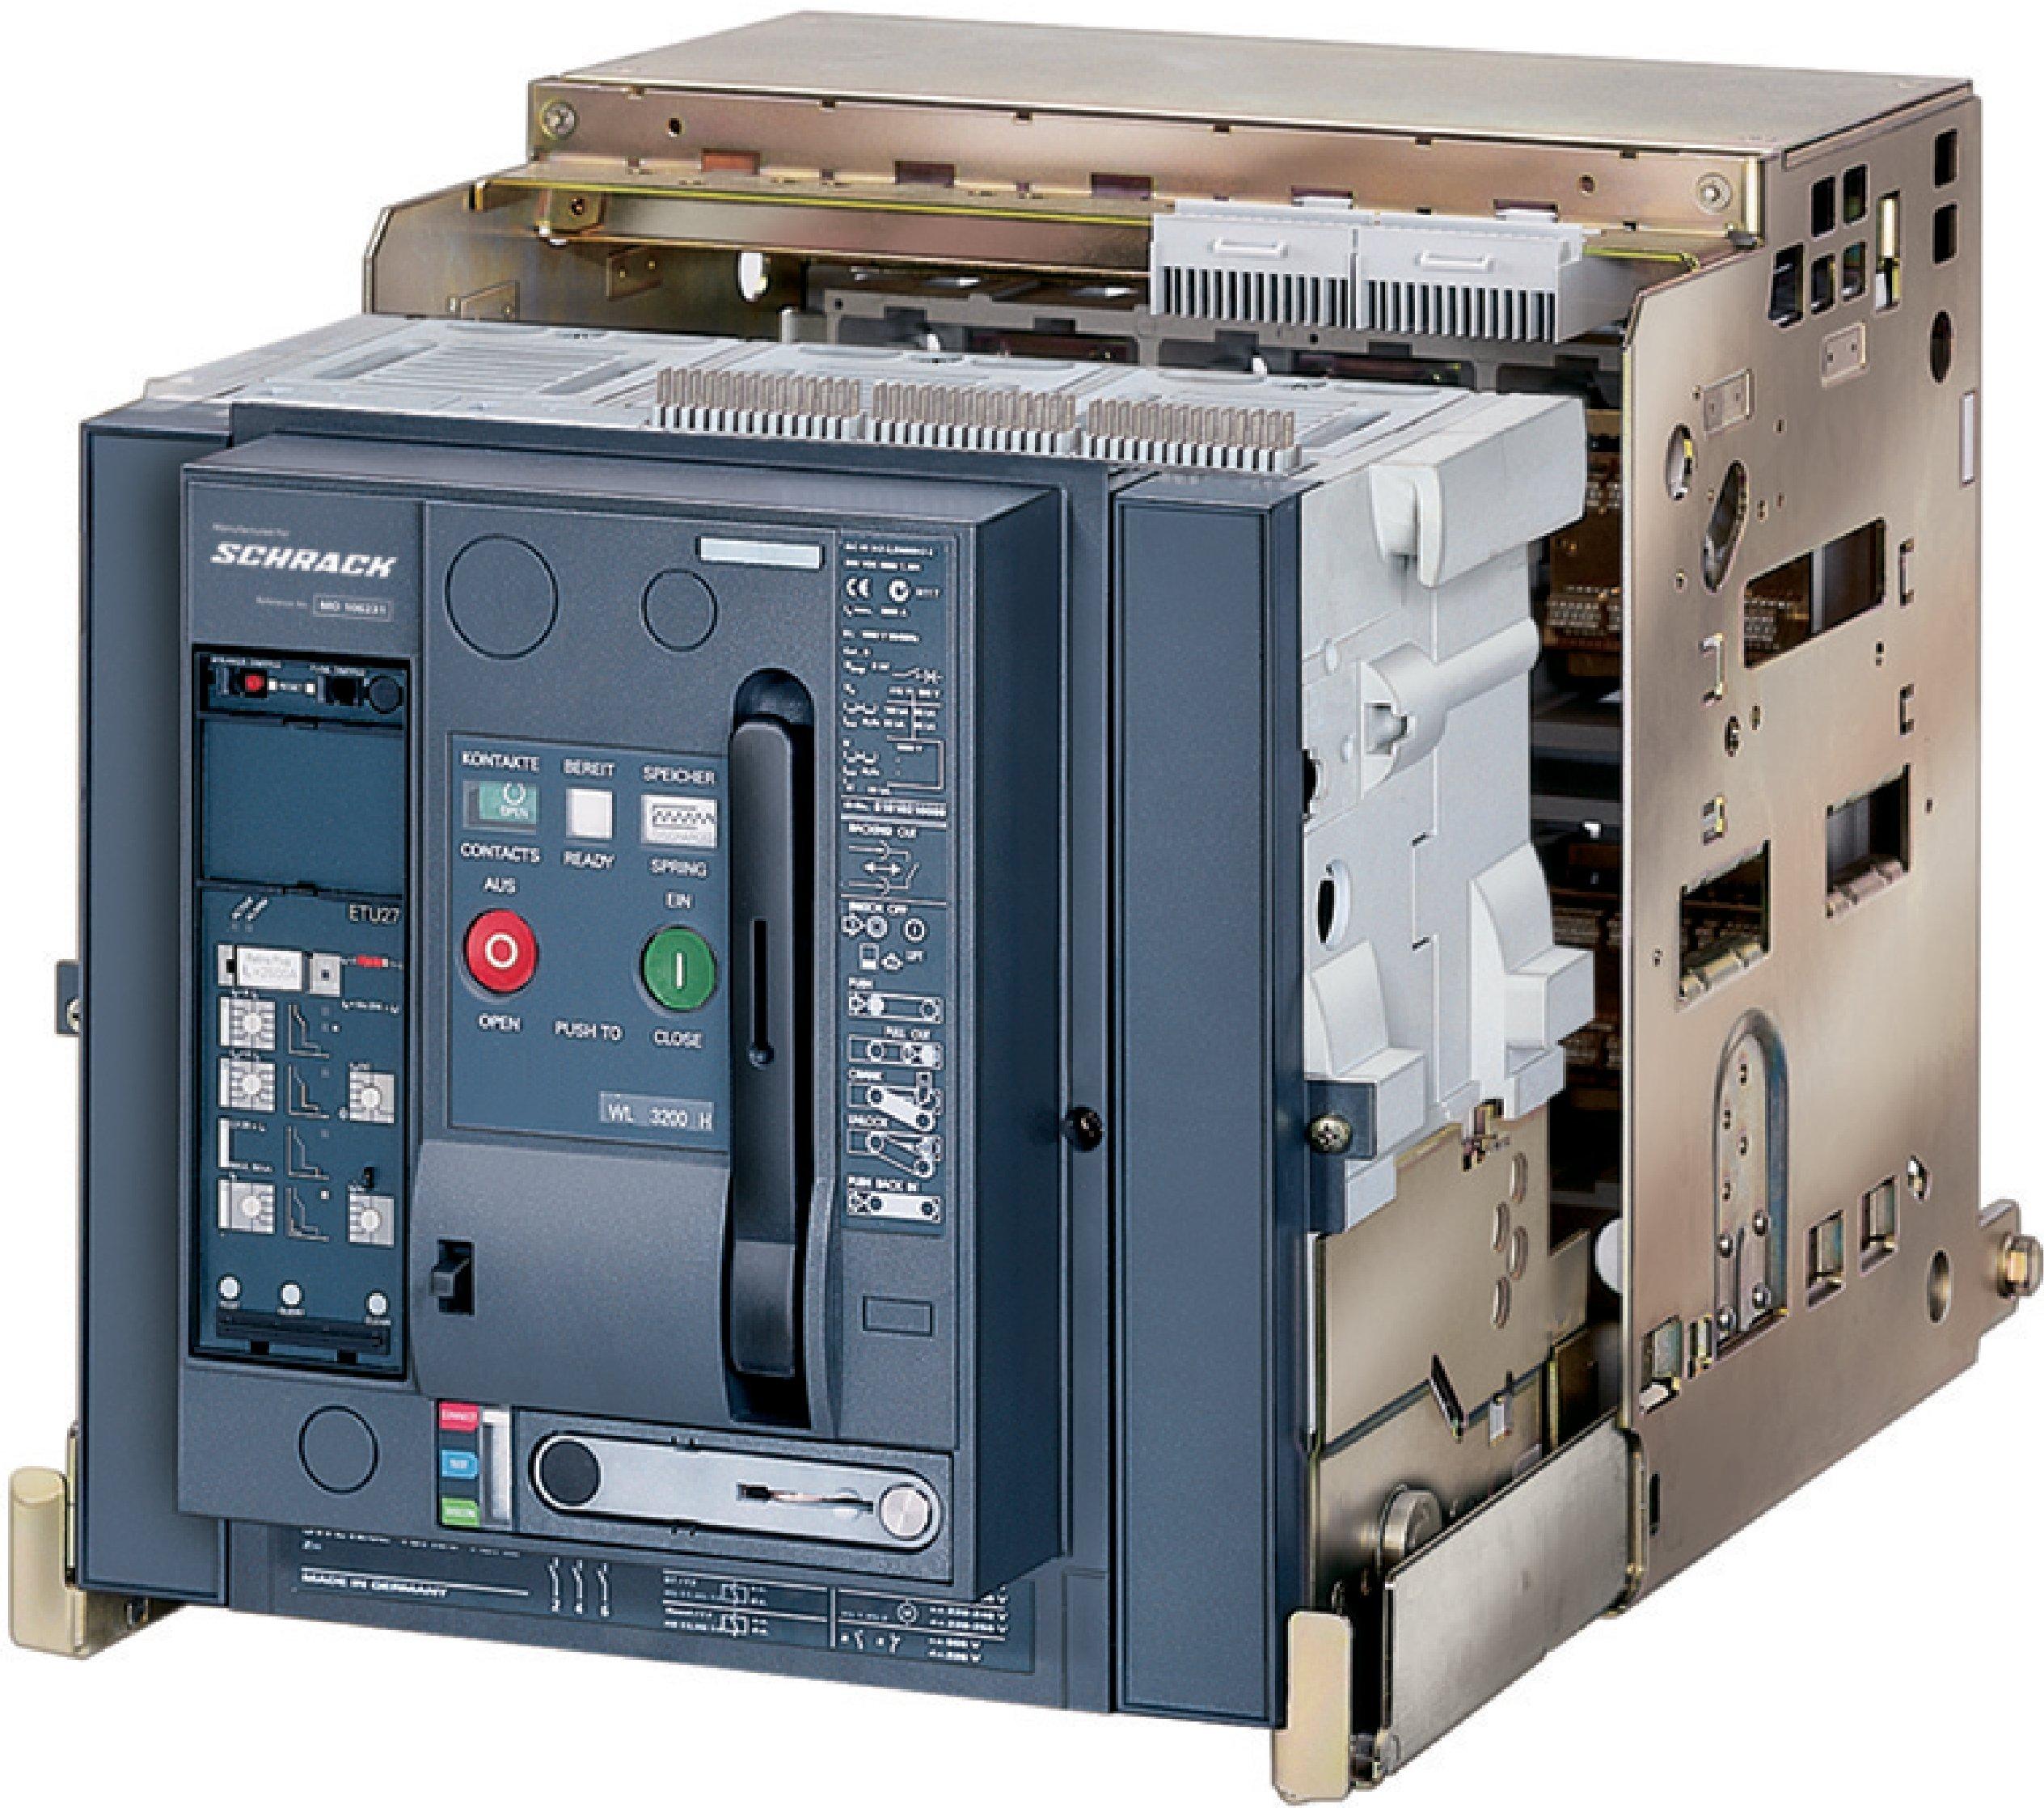 1 Stk Leistungsschalter, MO1, 3-polig, 1000A, 66kA, ausfahrbar, RH MO110336--